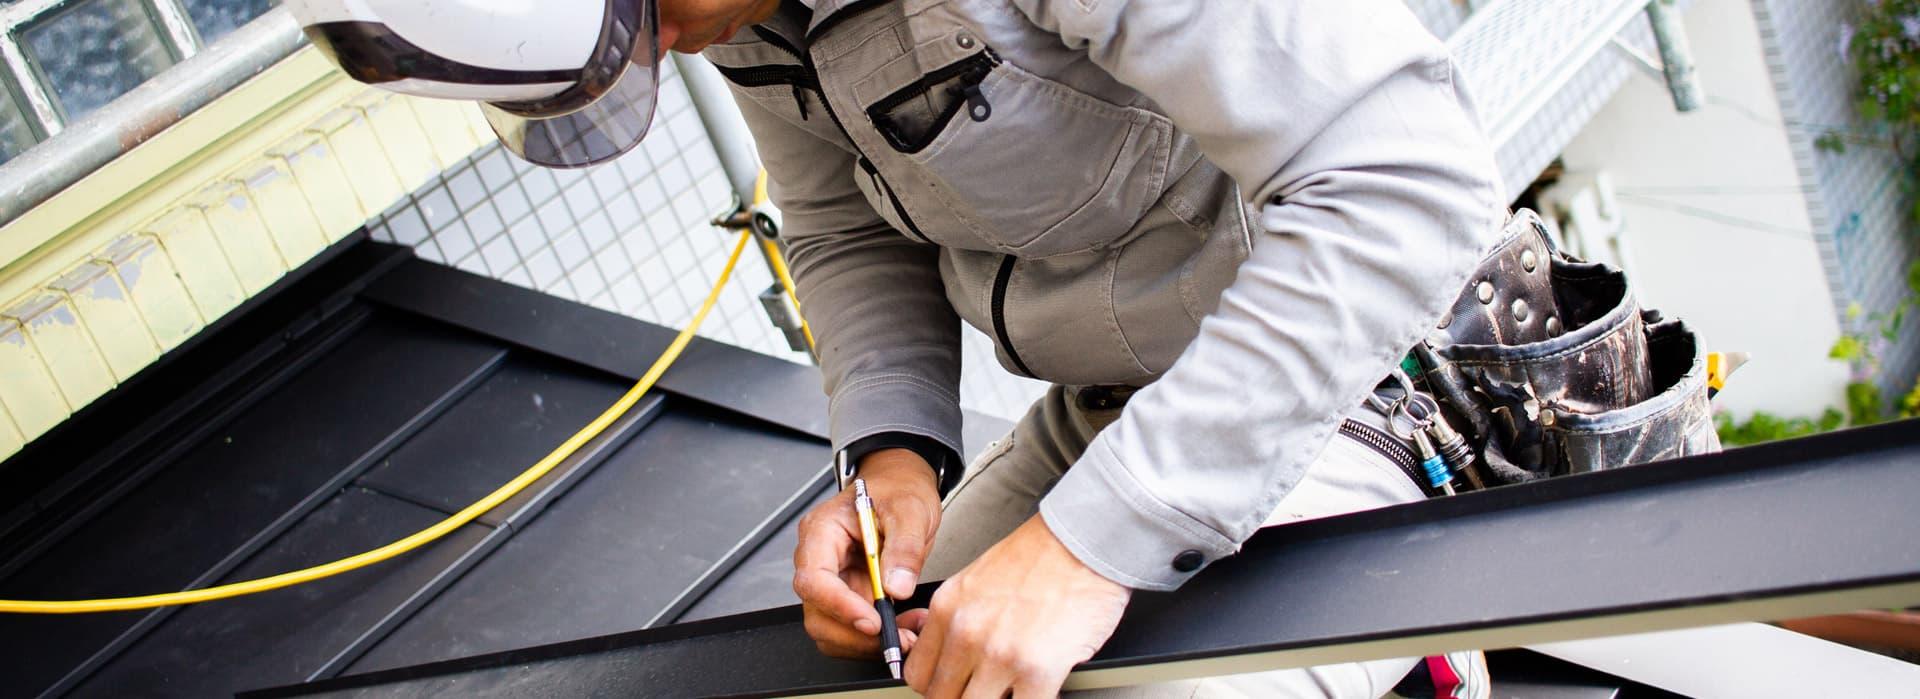 大阪での葺き替え・カバー工法・雨漏り修理など輝匠建業の料金一覧